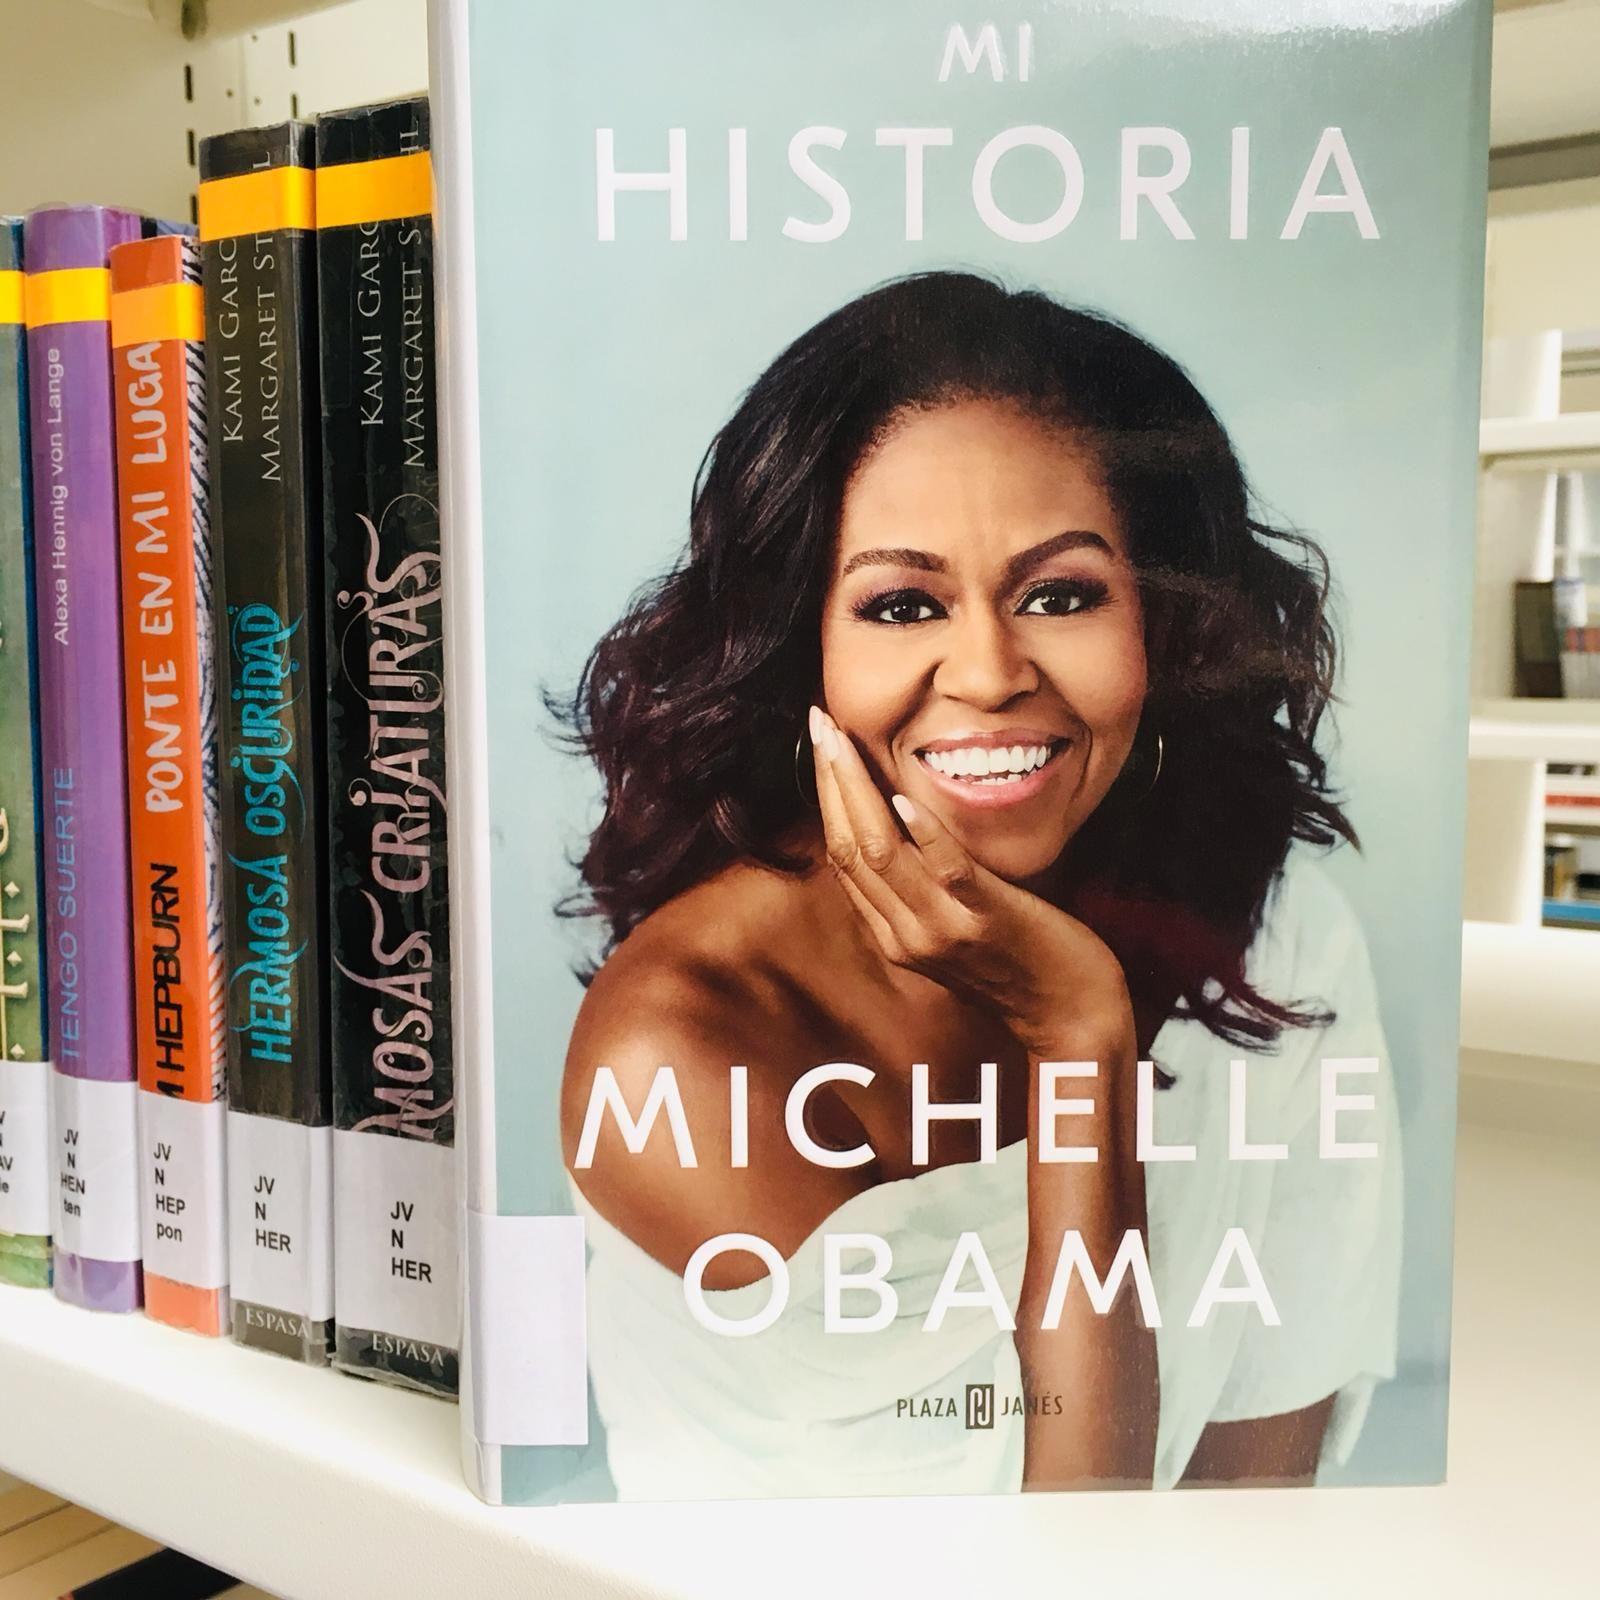 Nuevo libro!! Mi historia de Michelle Obama. | Michelle obama, Michelle,  Obama